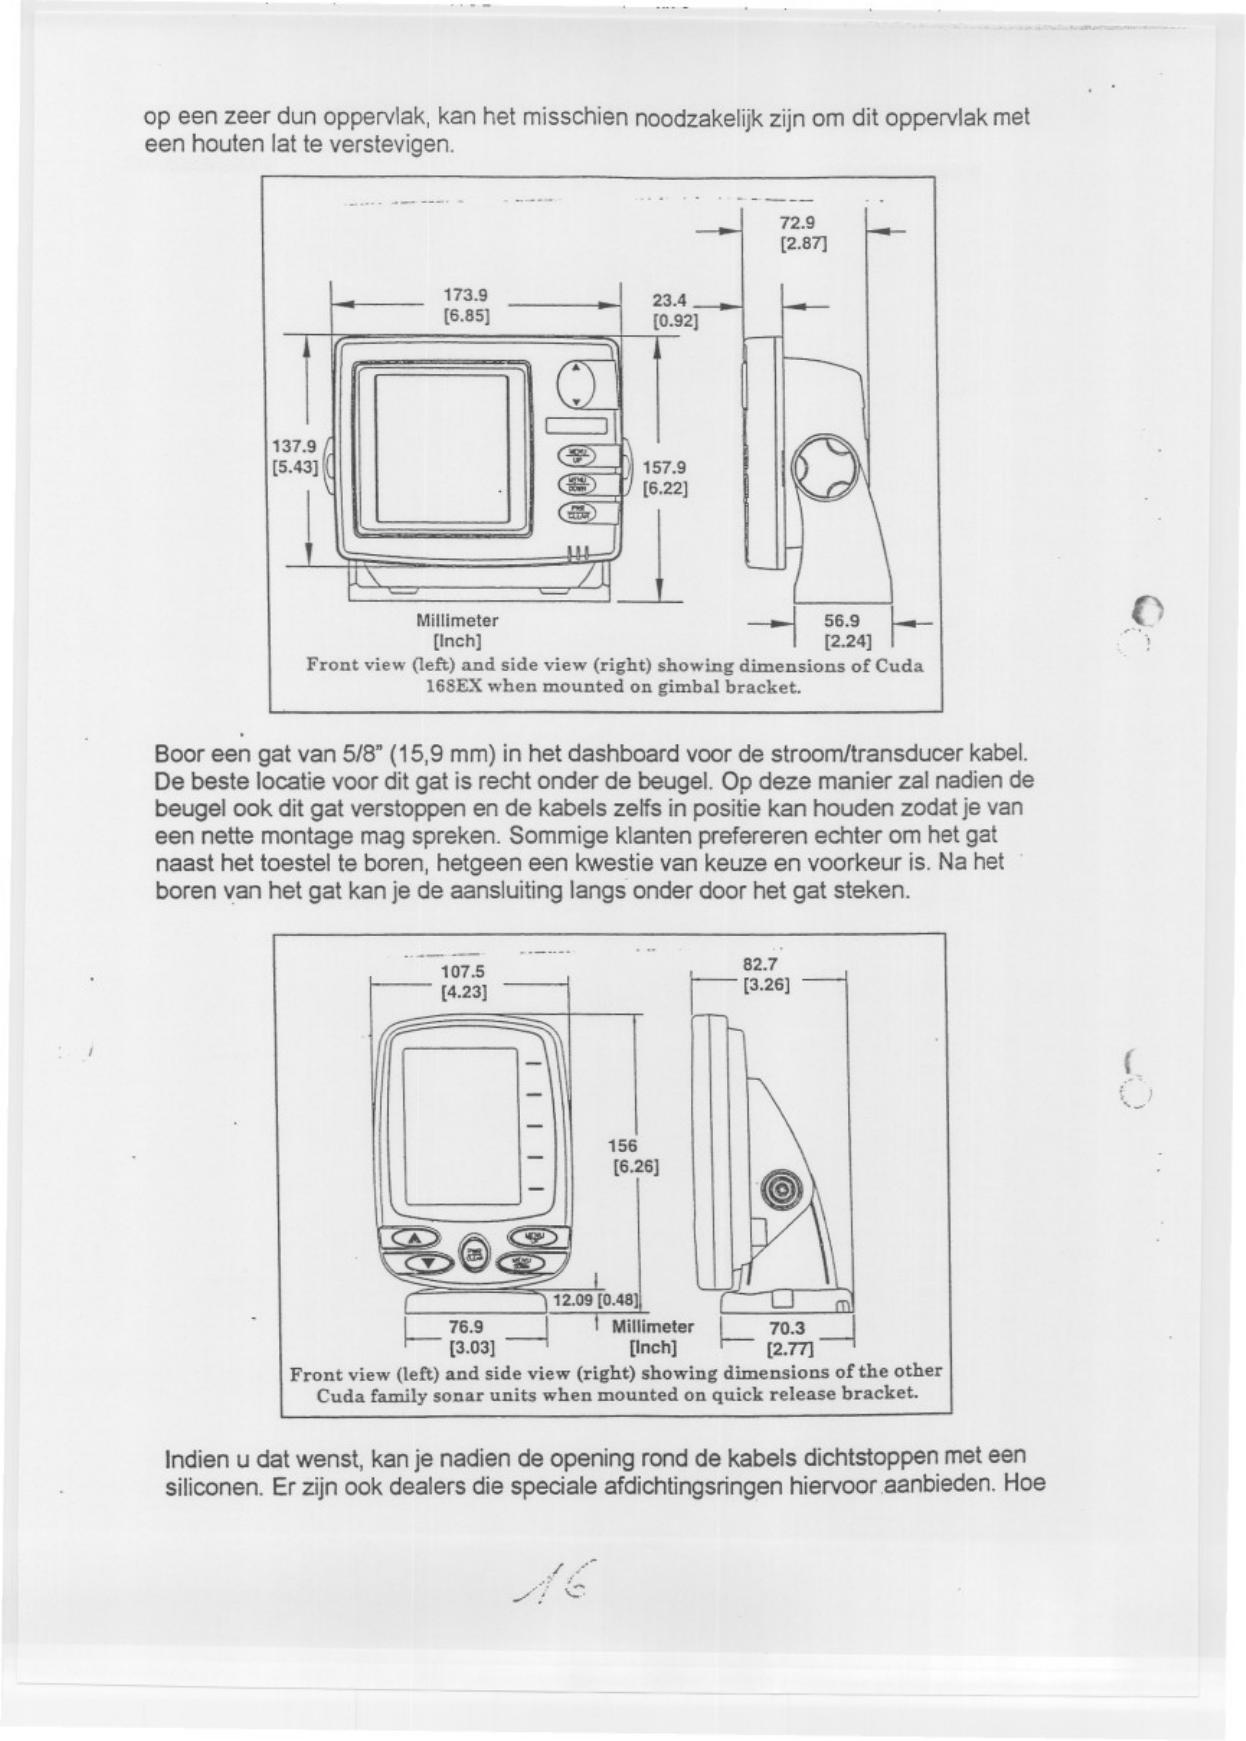 Bedienungsanleitung Eagle Cuda 168 Portable Fishfinder Seite 18 Von Transducer Wire Diagram Nchste